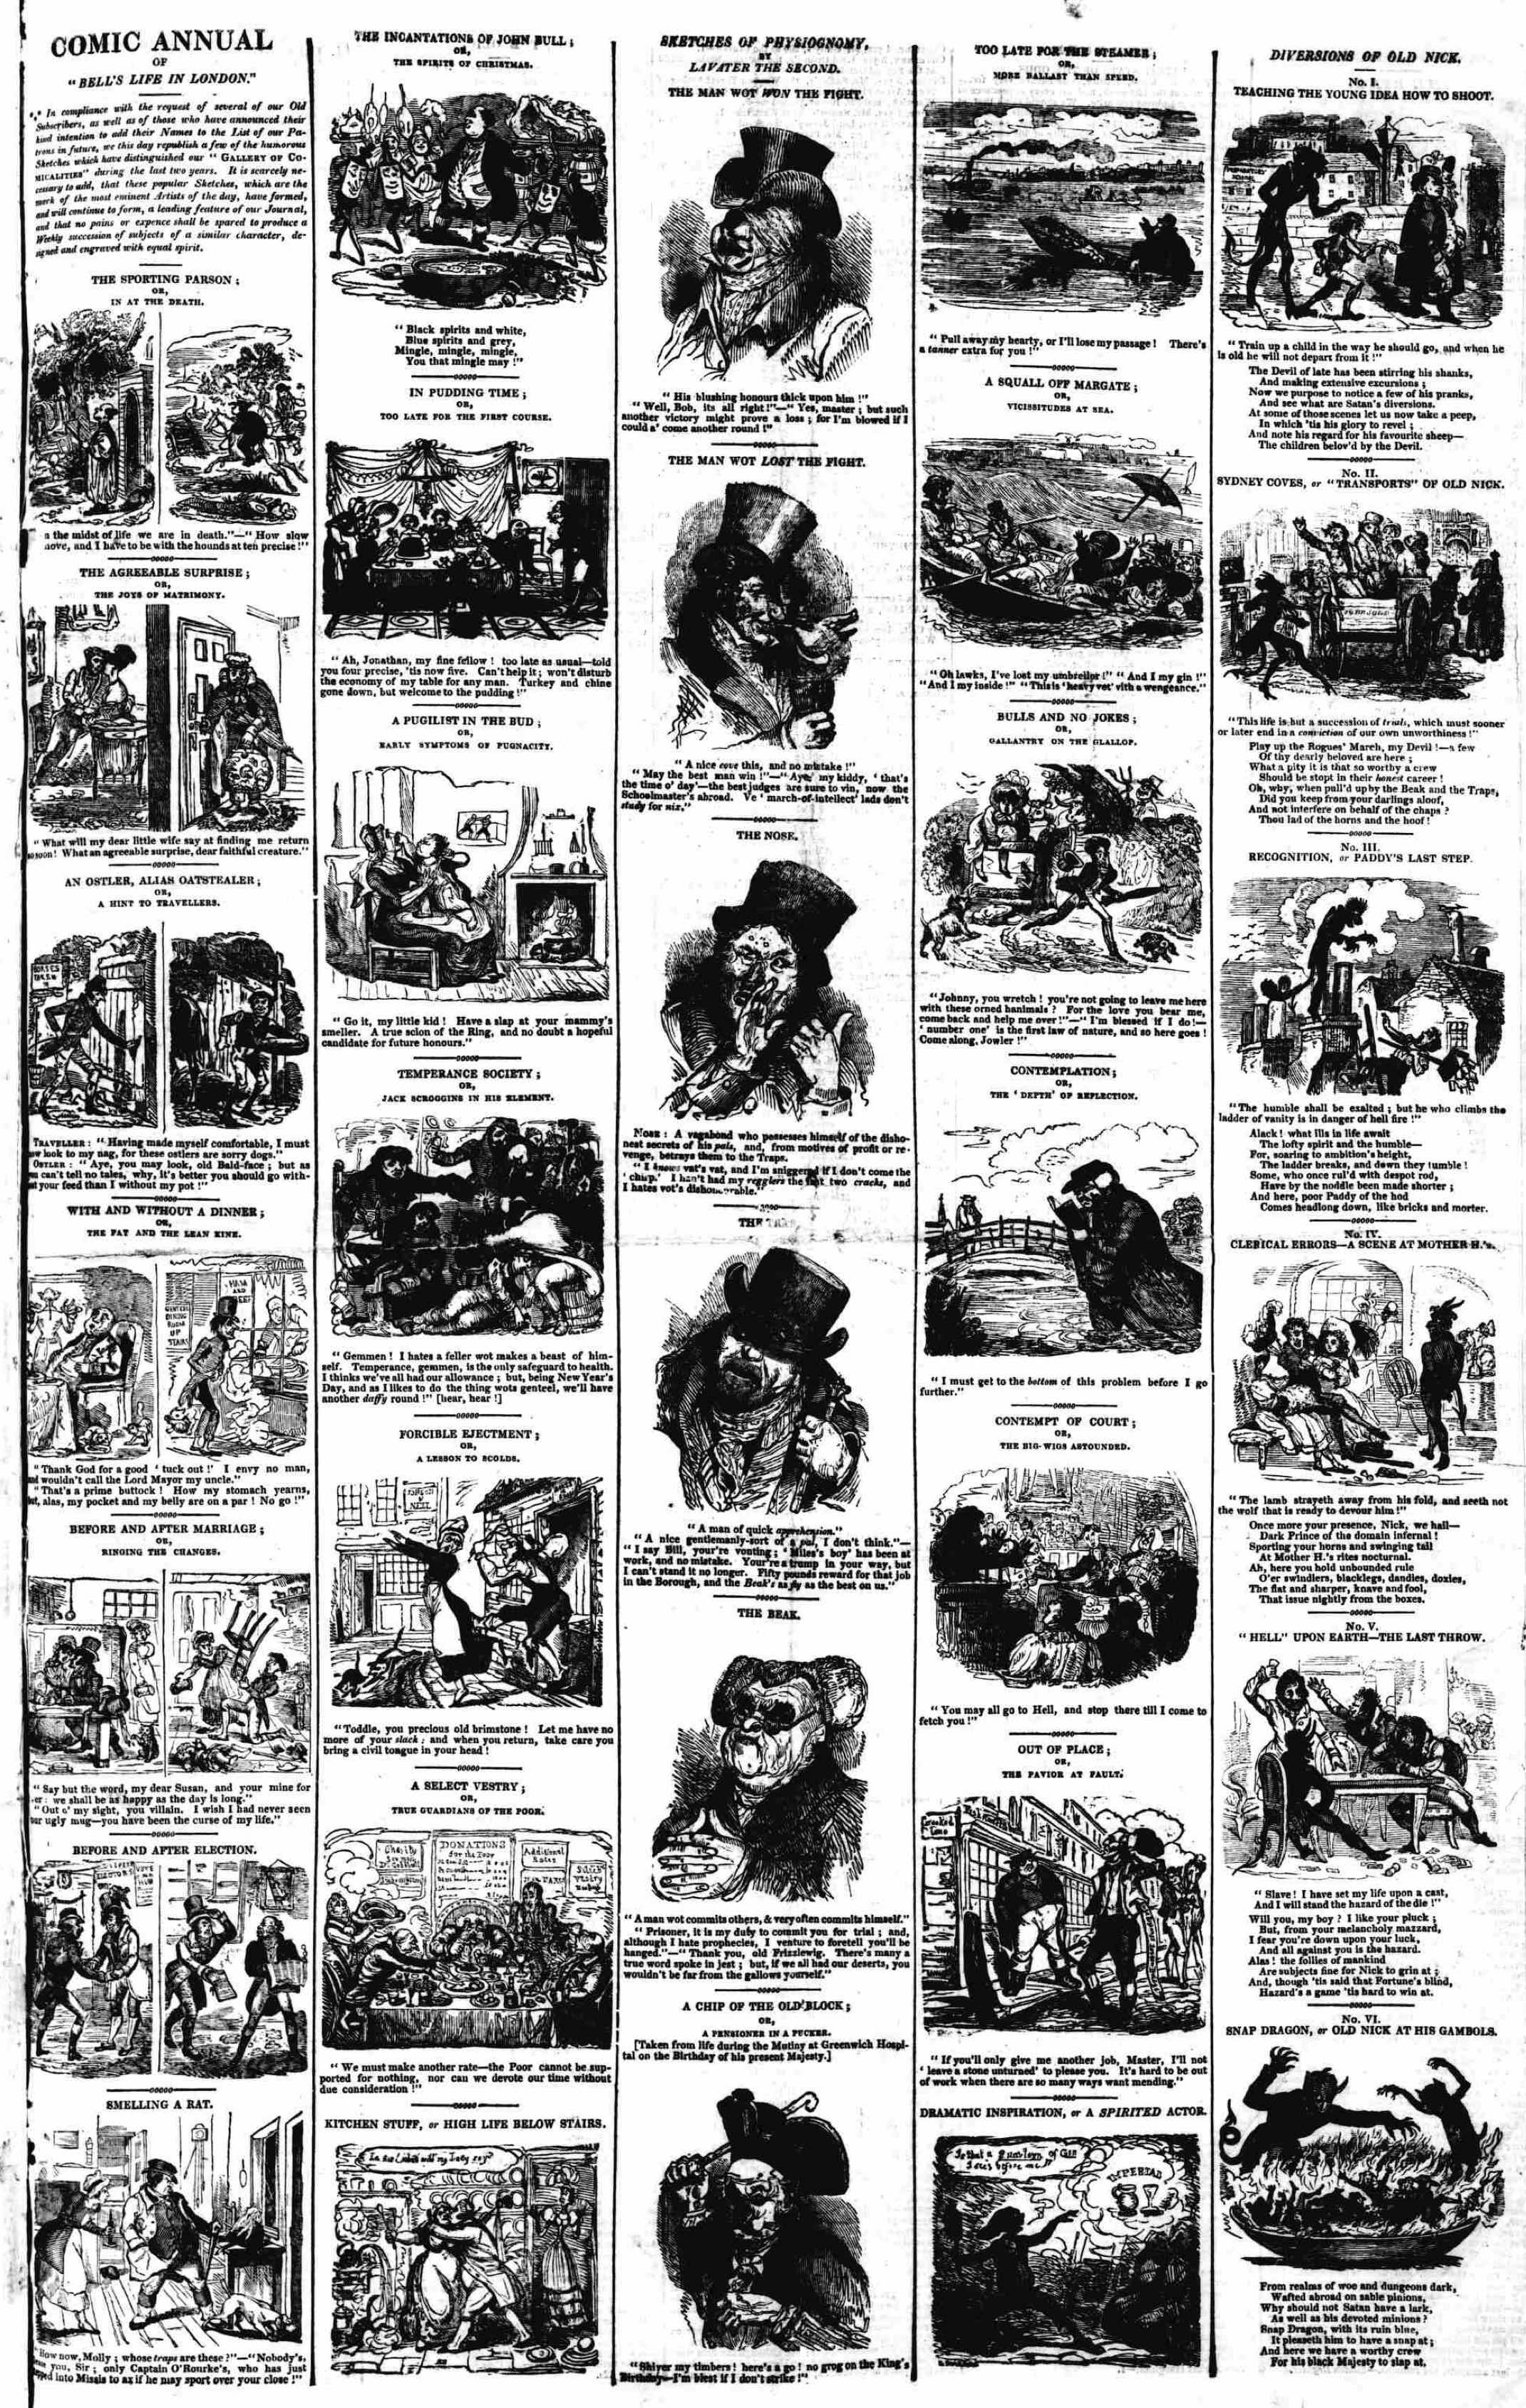 « Diversions of Old Nick » (sur la colonne de droite).